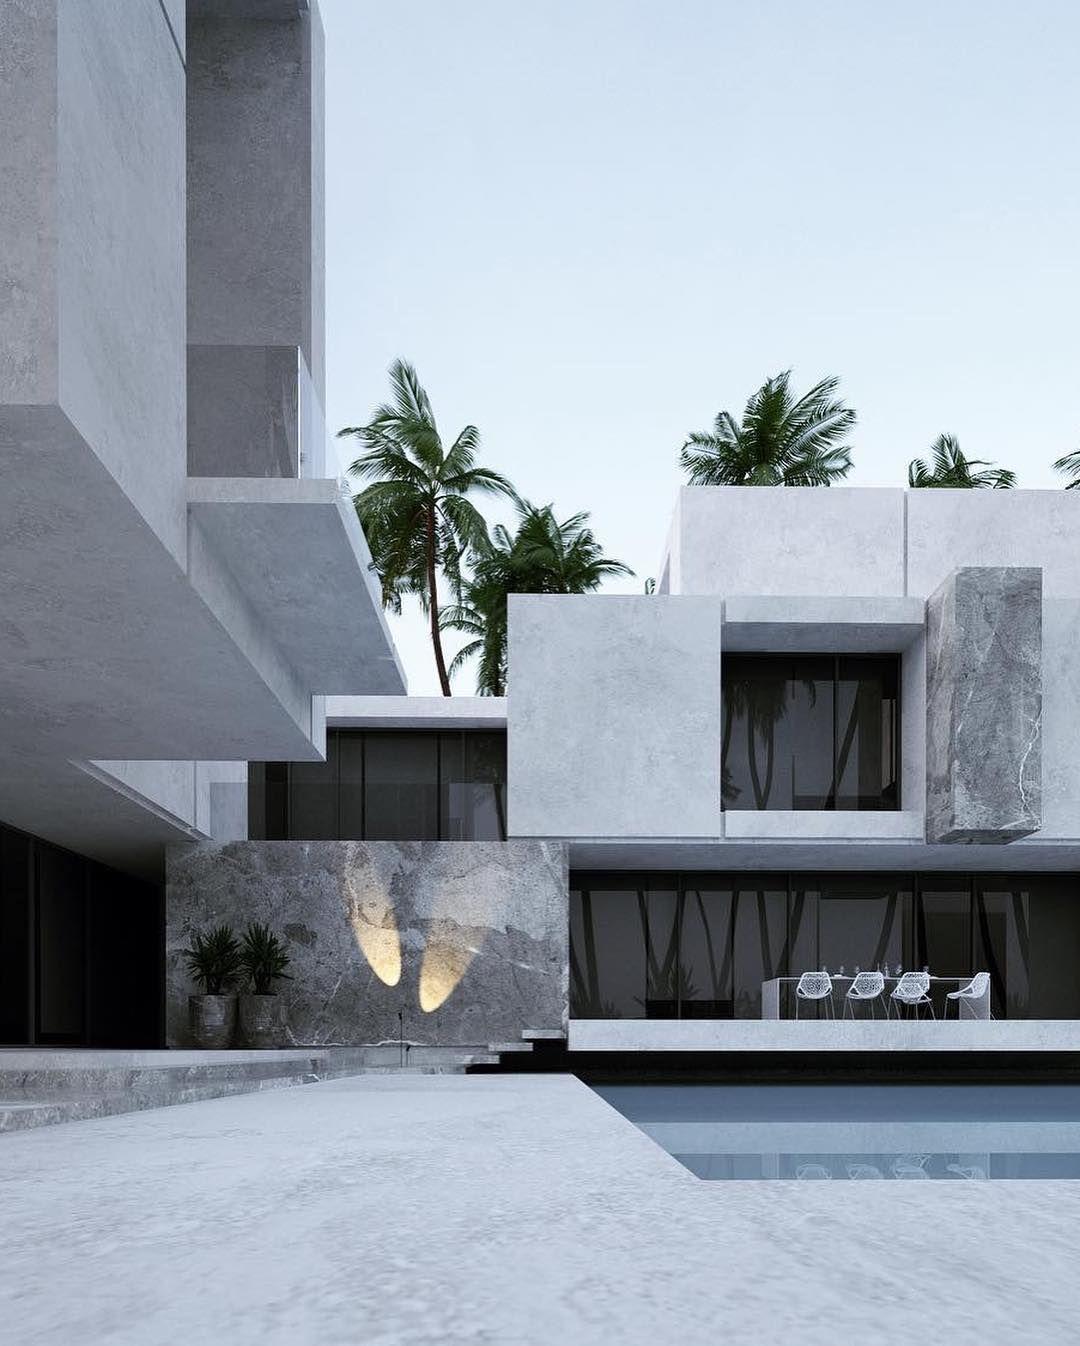 A Imagem Pode Conter 1 Pessoa Atividades Ao Ar Livre Belle Maison Immobilier Maison Architecte Moderne